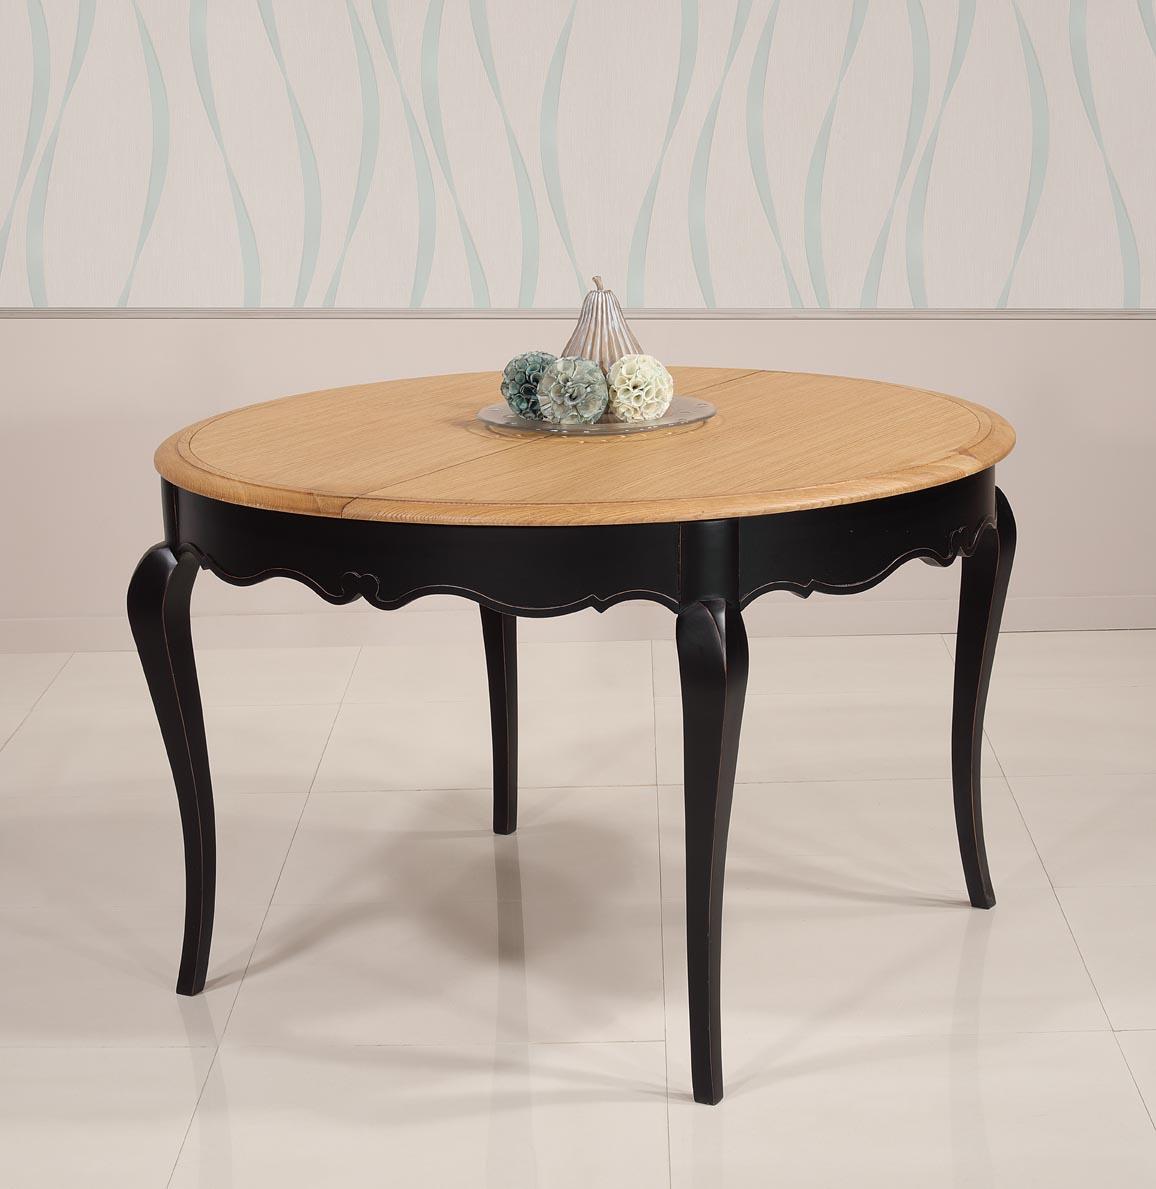 34d35f112b165 ... Table ronde Joffre réalisée en Chêne et Merisier de style Louis XV Diamètre  120 + 1 ...